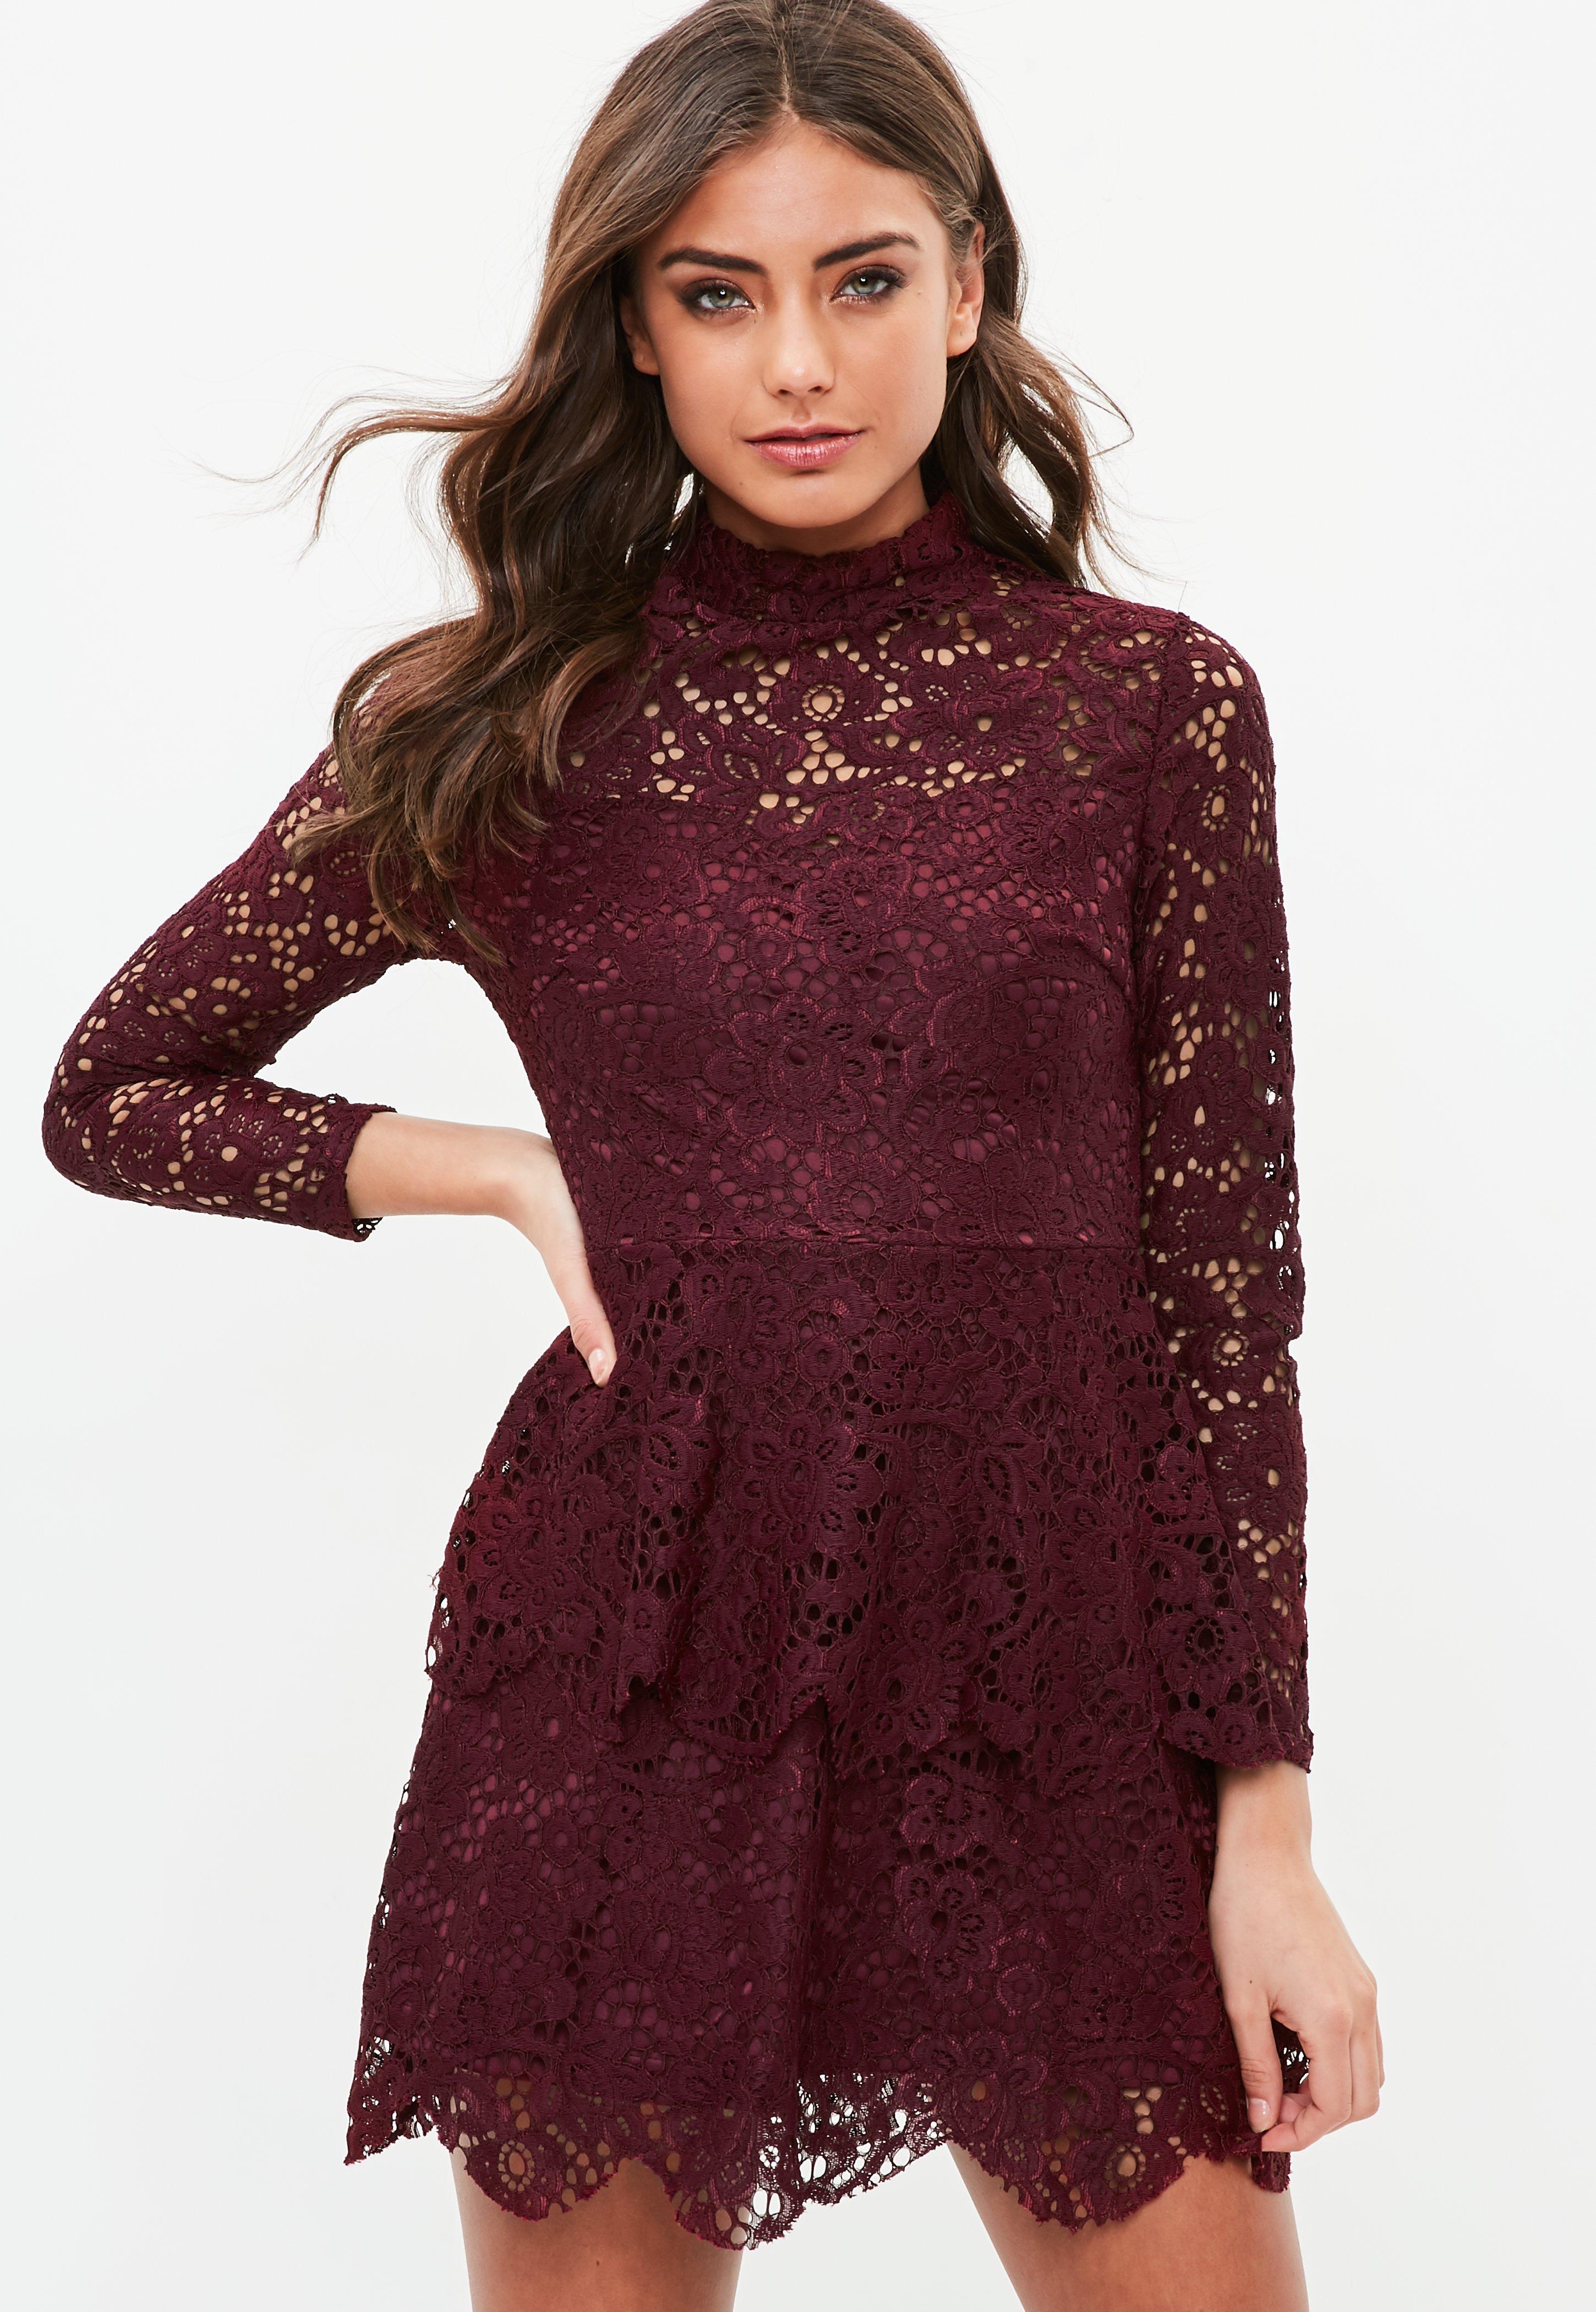 Kleider für Damen - Kleider in Burgunderrot - Missguided DE